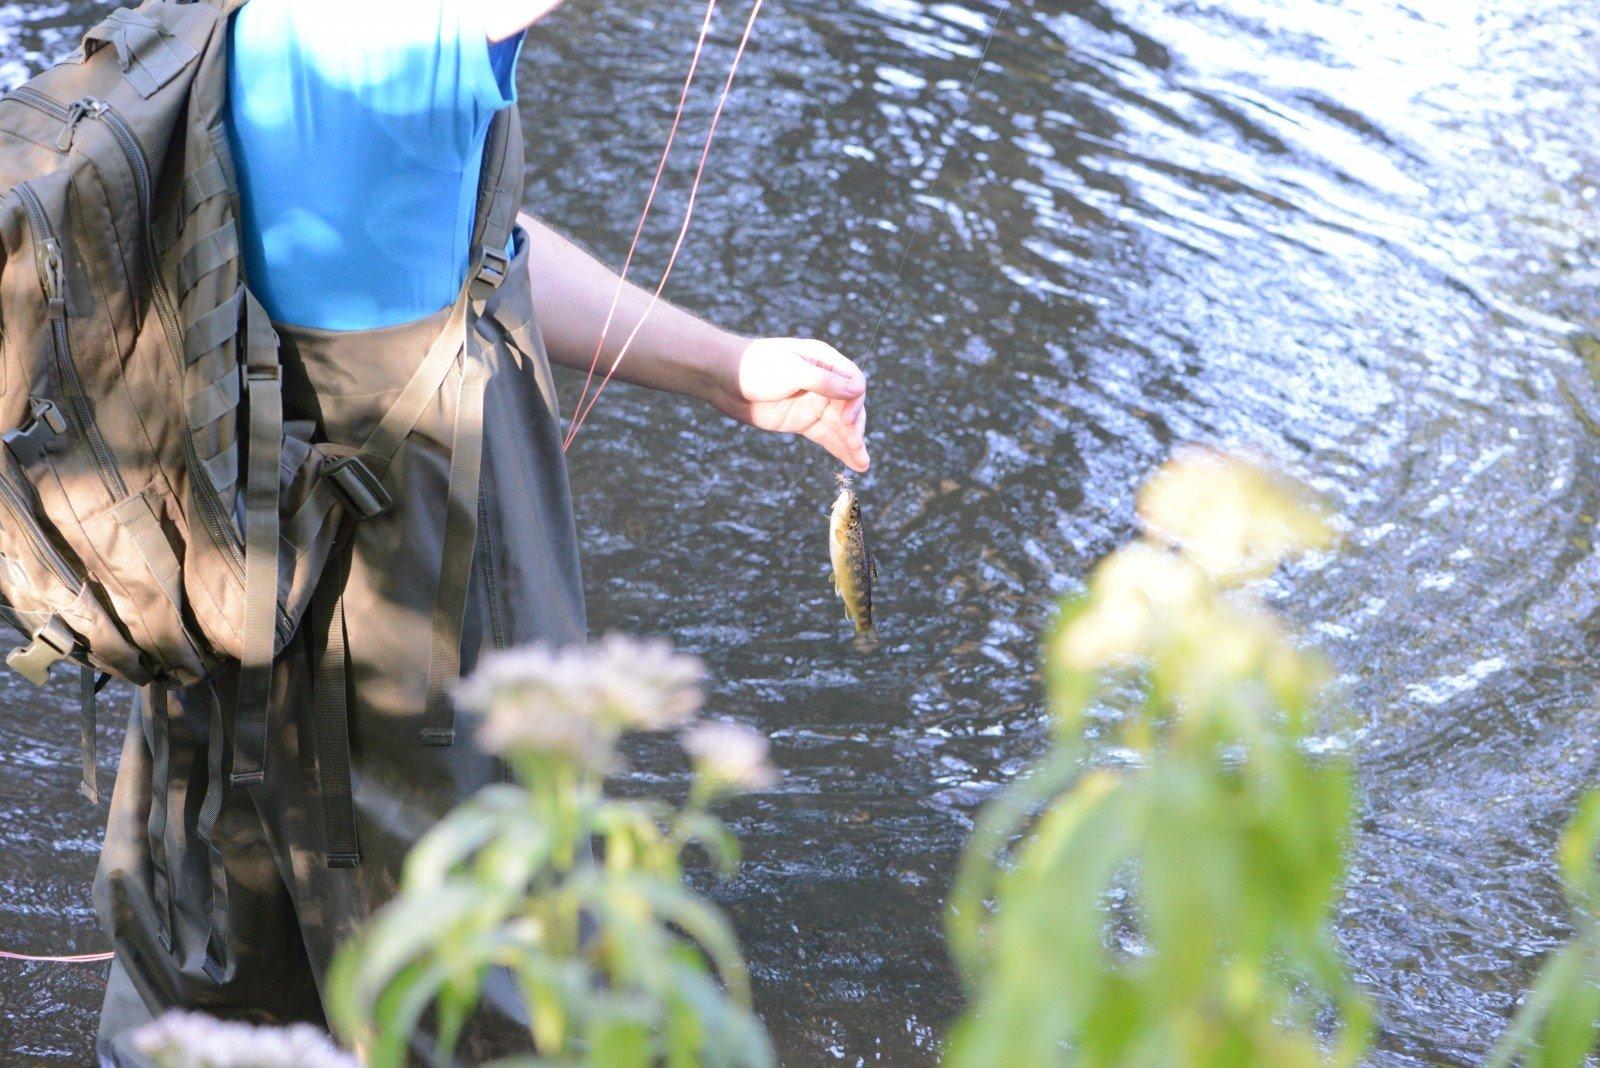 Muselinė žvejyba Vilnelėje